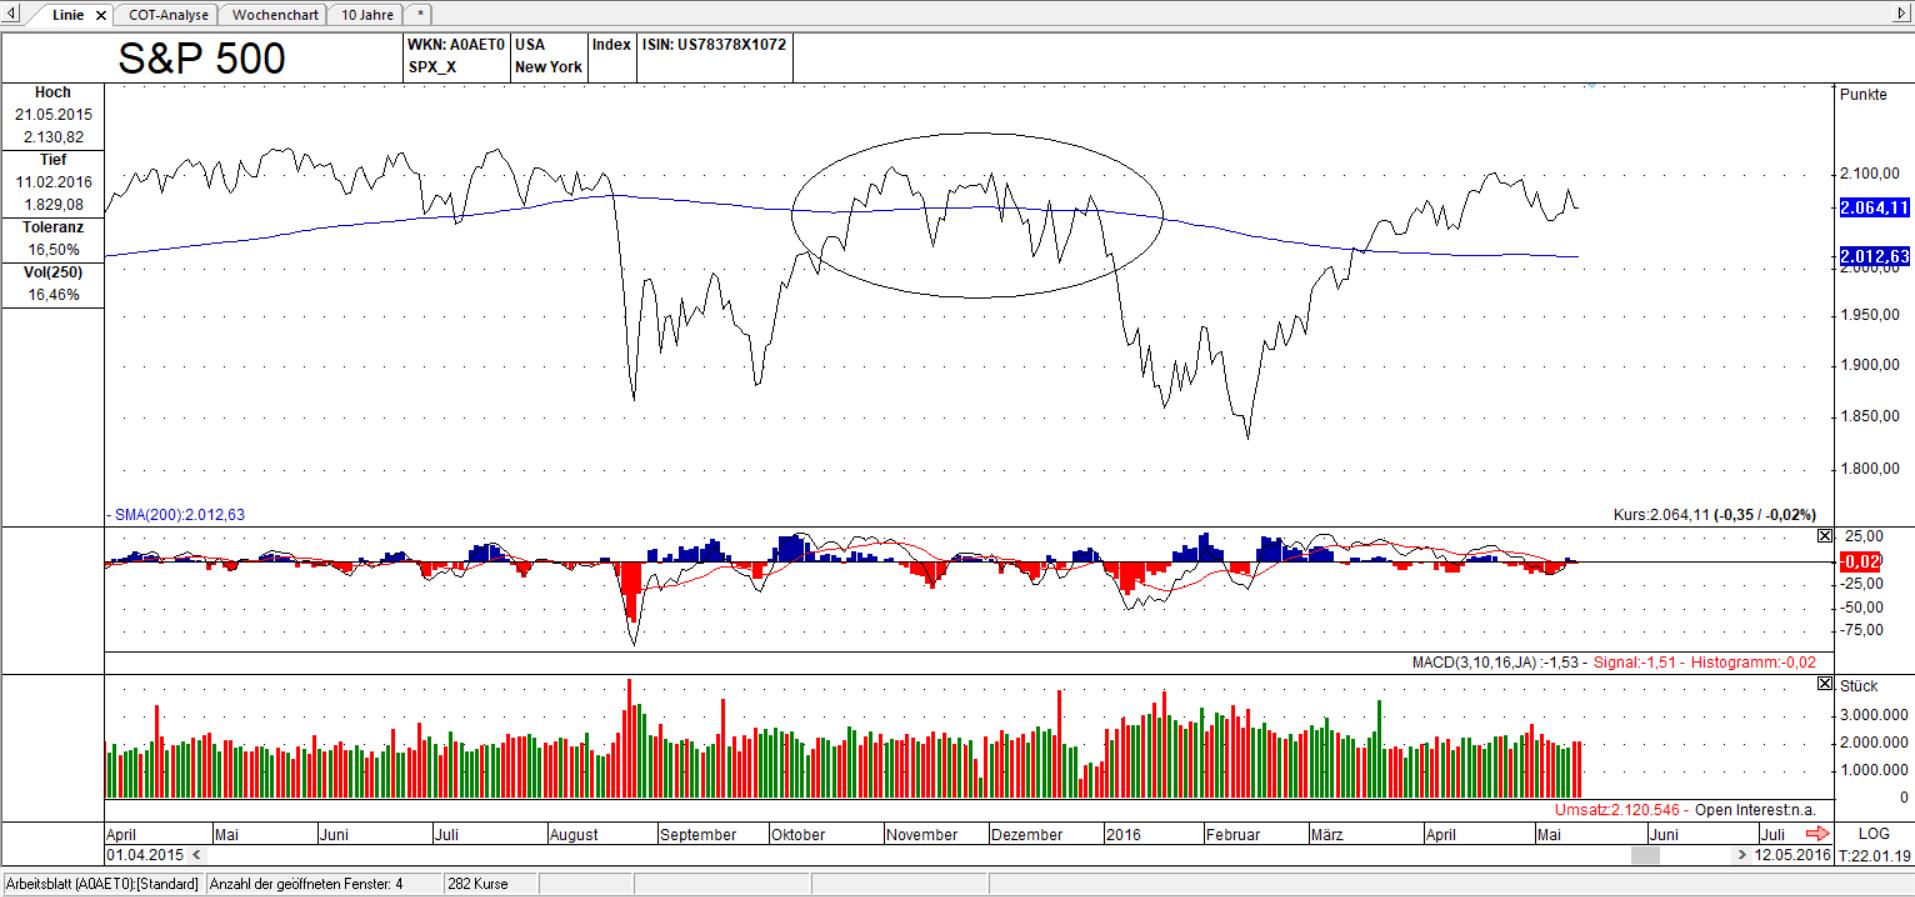 S&P 500 Jahr 2015 Kampf um 200 Tage Linie